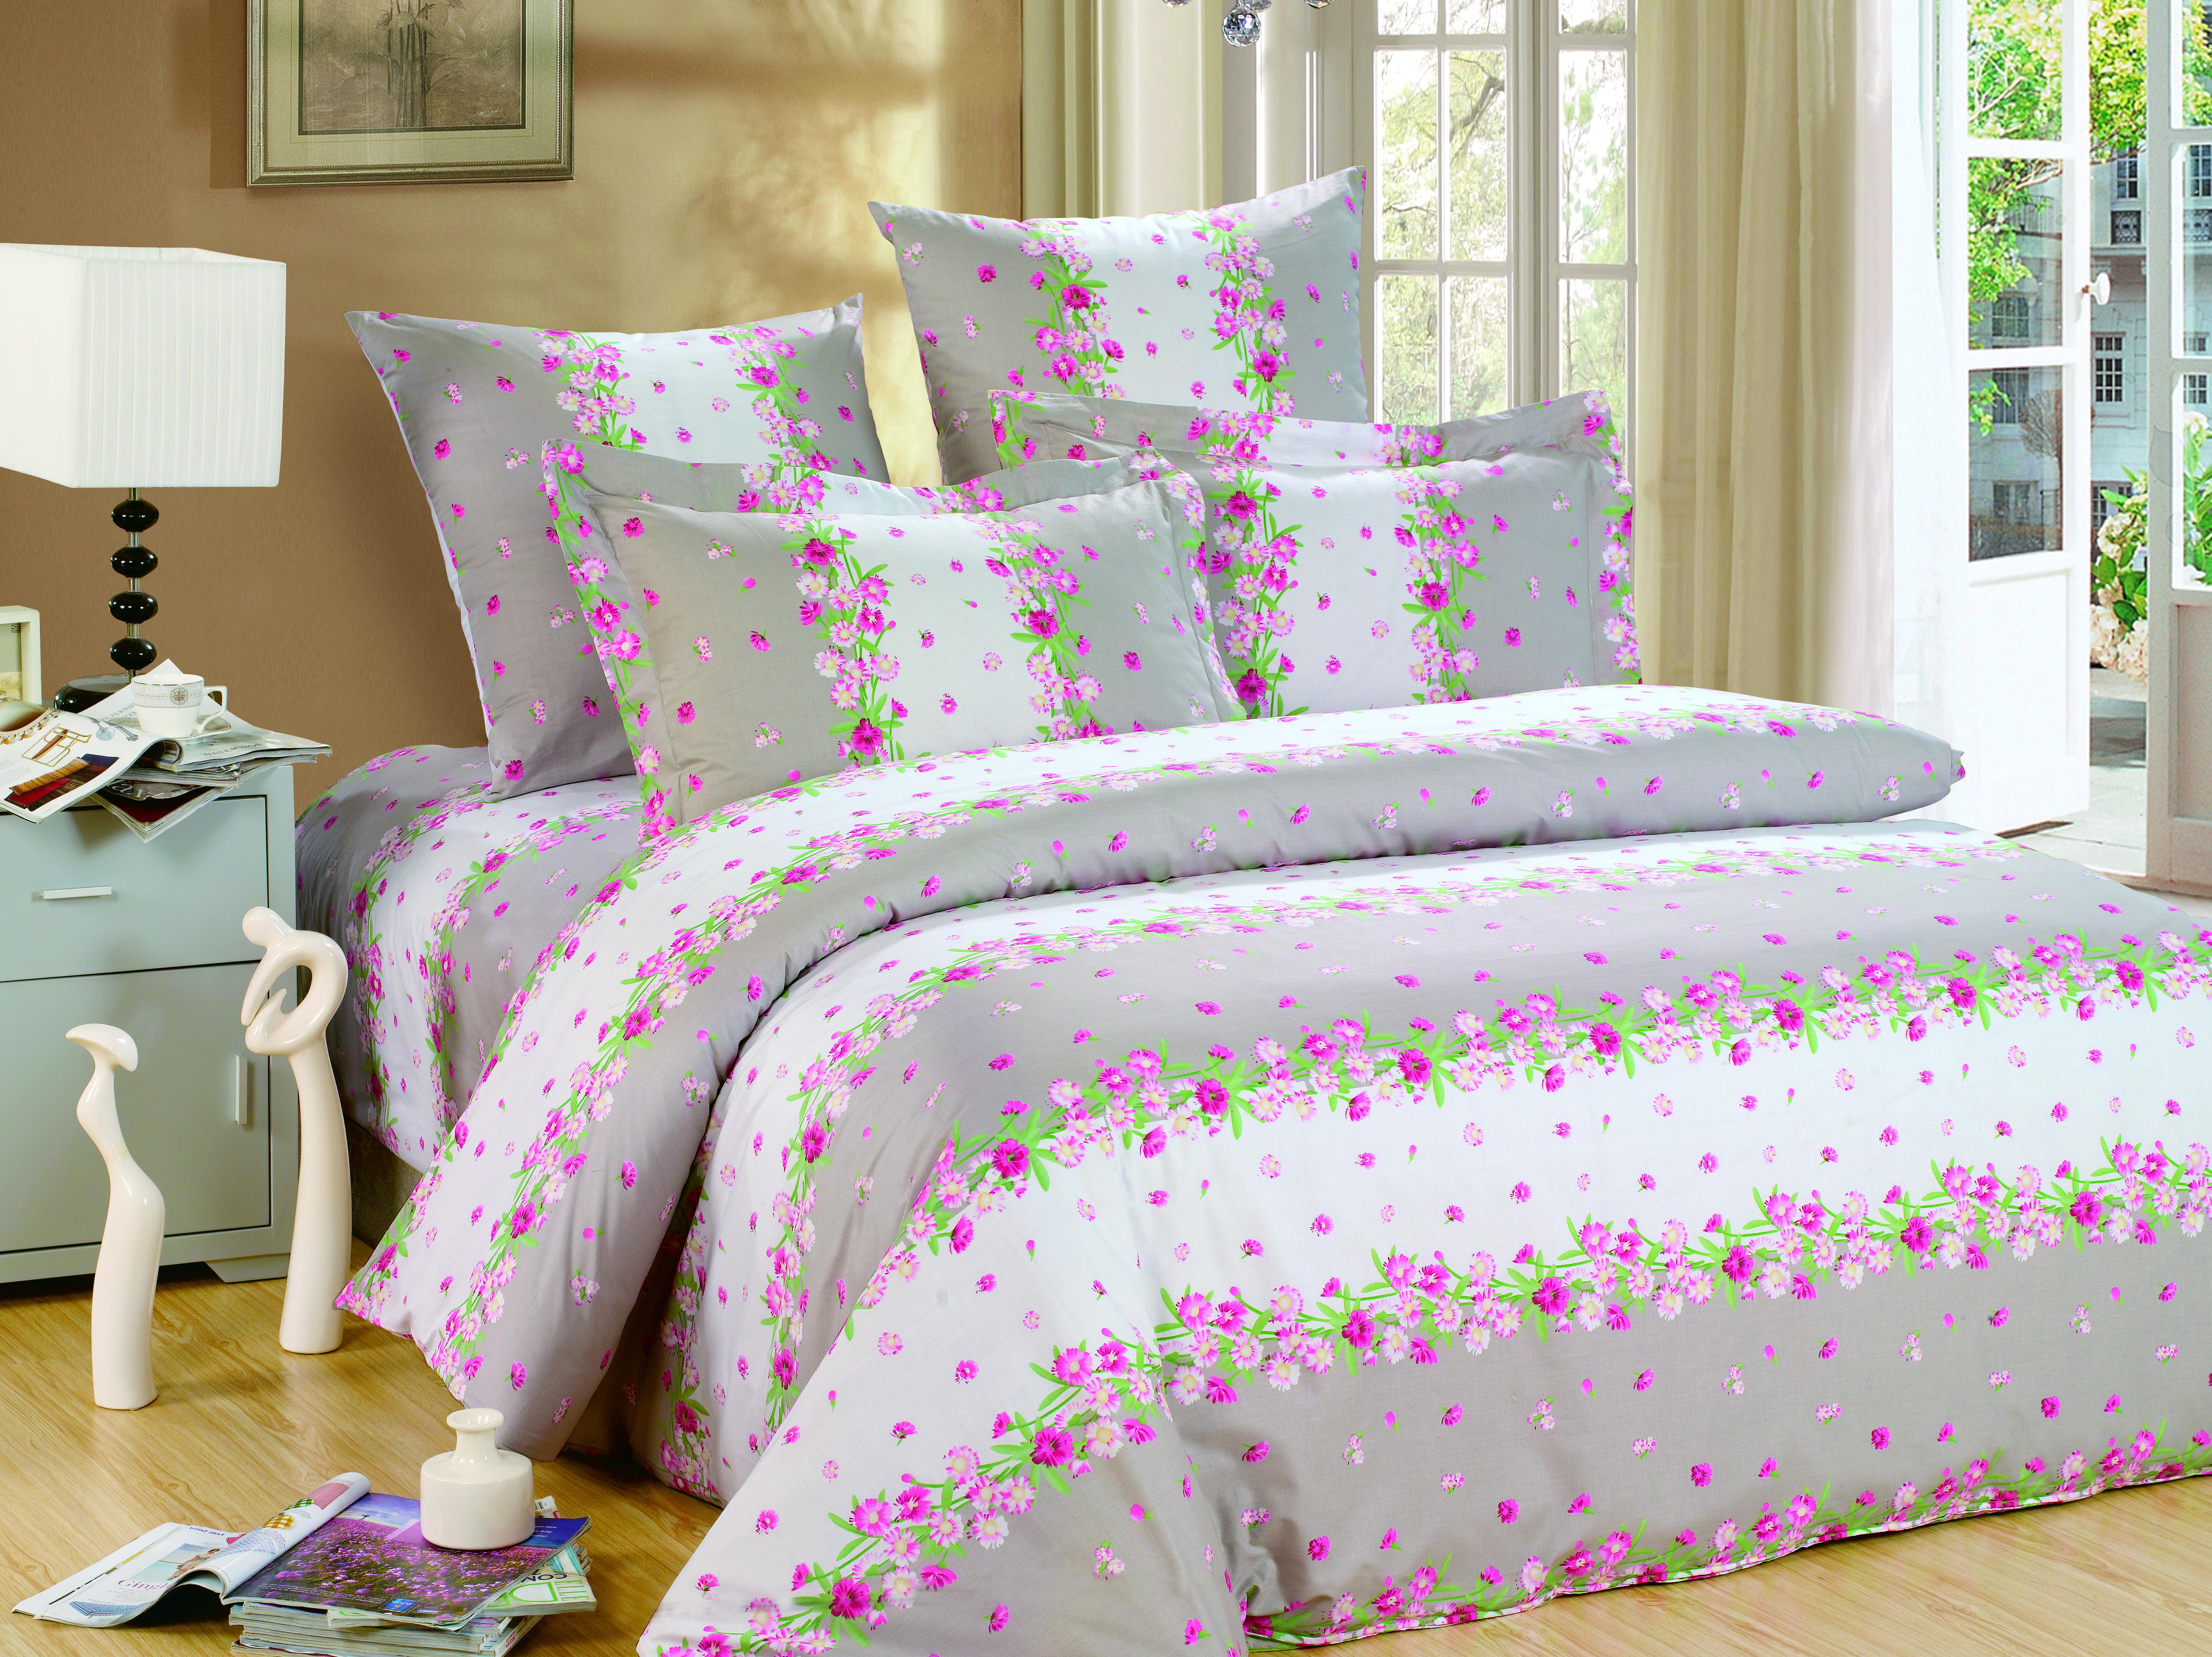 Купить Комплекты постельного белья СайлиД, Постельное белье Taltal А/s-142 (2 сп.), Китай, Бежевый, Розовый, Серый, Поплин